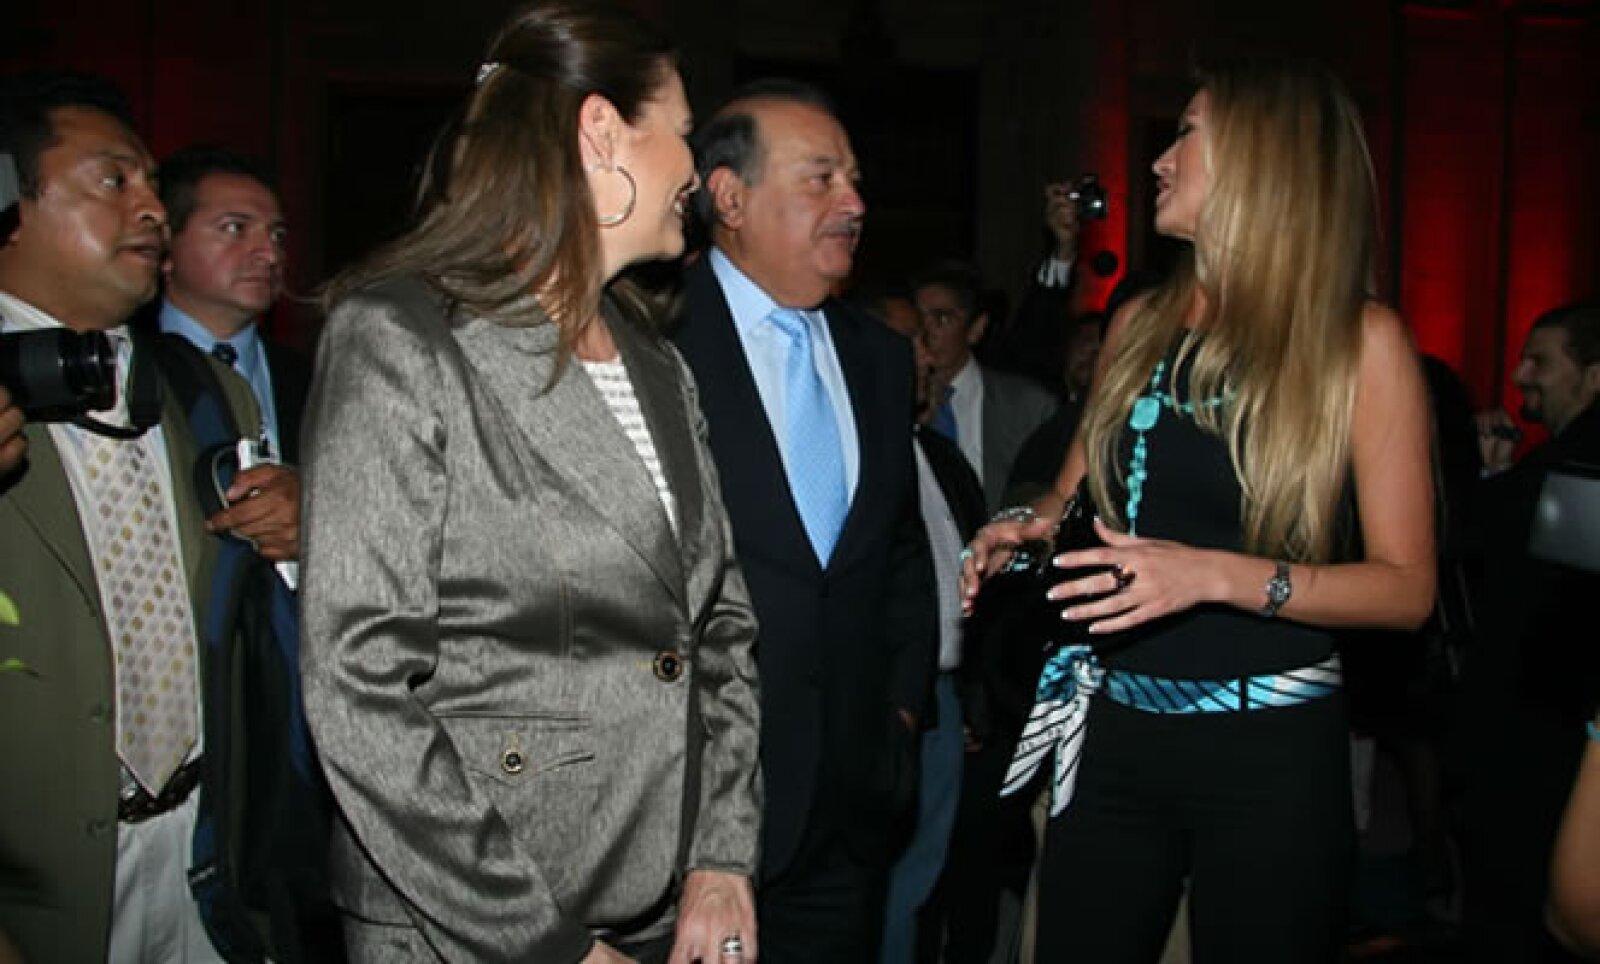 Antes del compromiso, María Elena había convivido esporádicamente con su futuro suegro. Aquí, en la apertura del restaurante Zéfiro de la Universidad del Claustro de Sor Juana, en marzo de 2009.